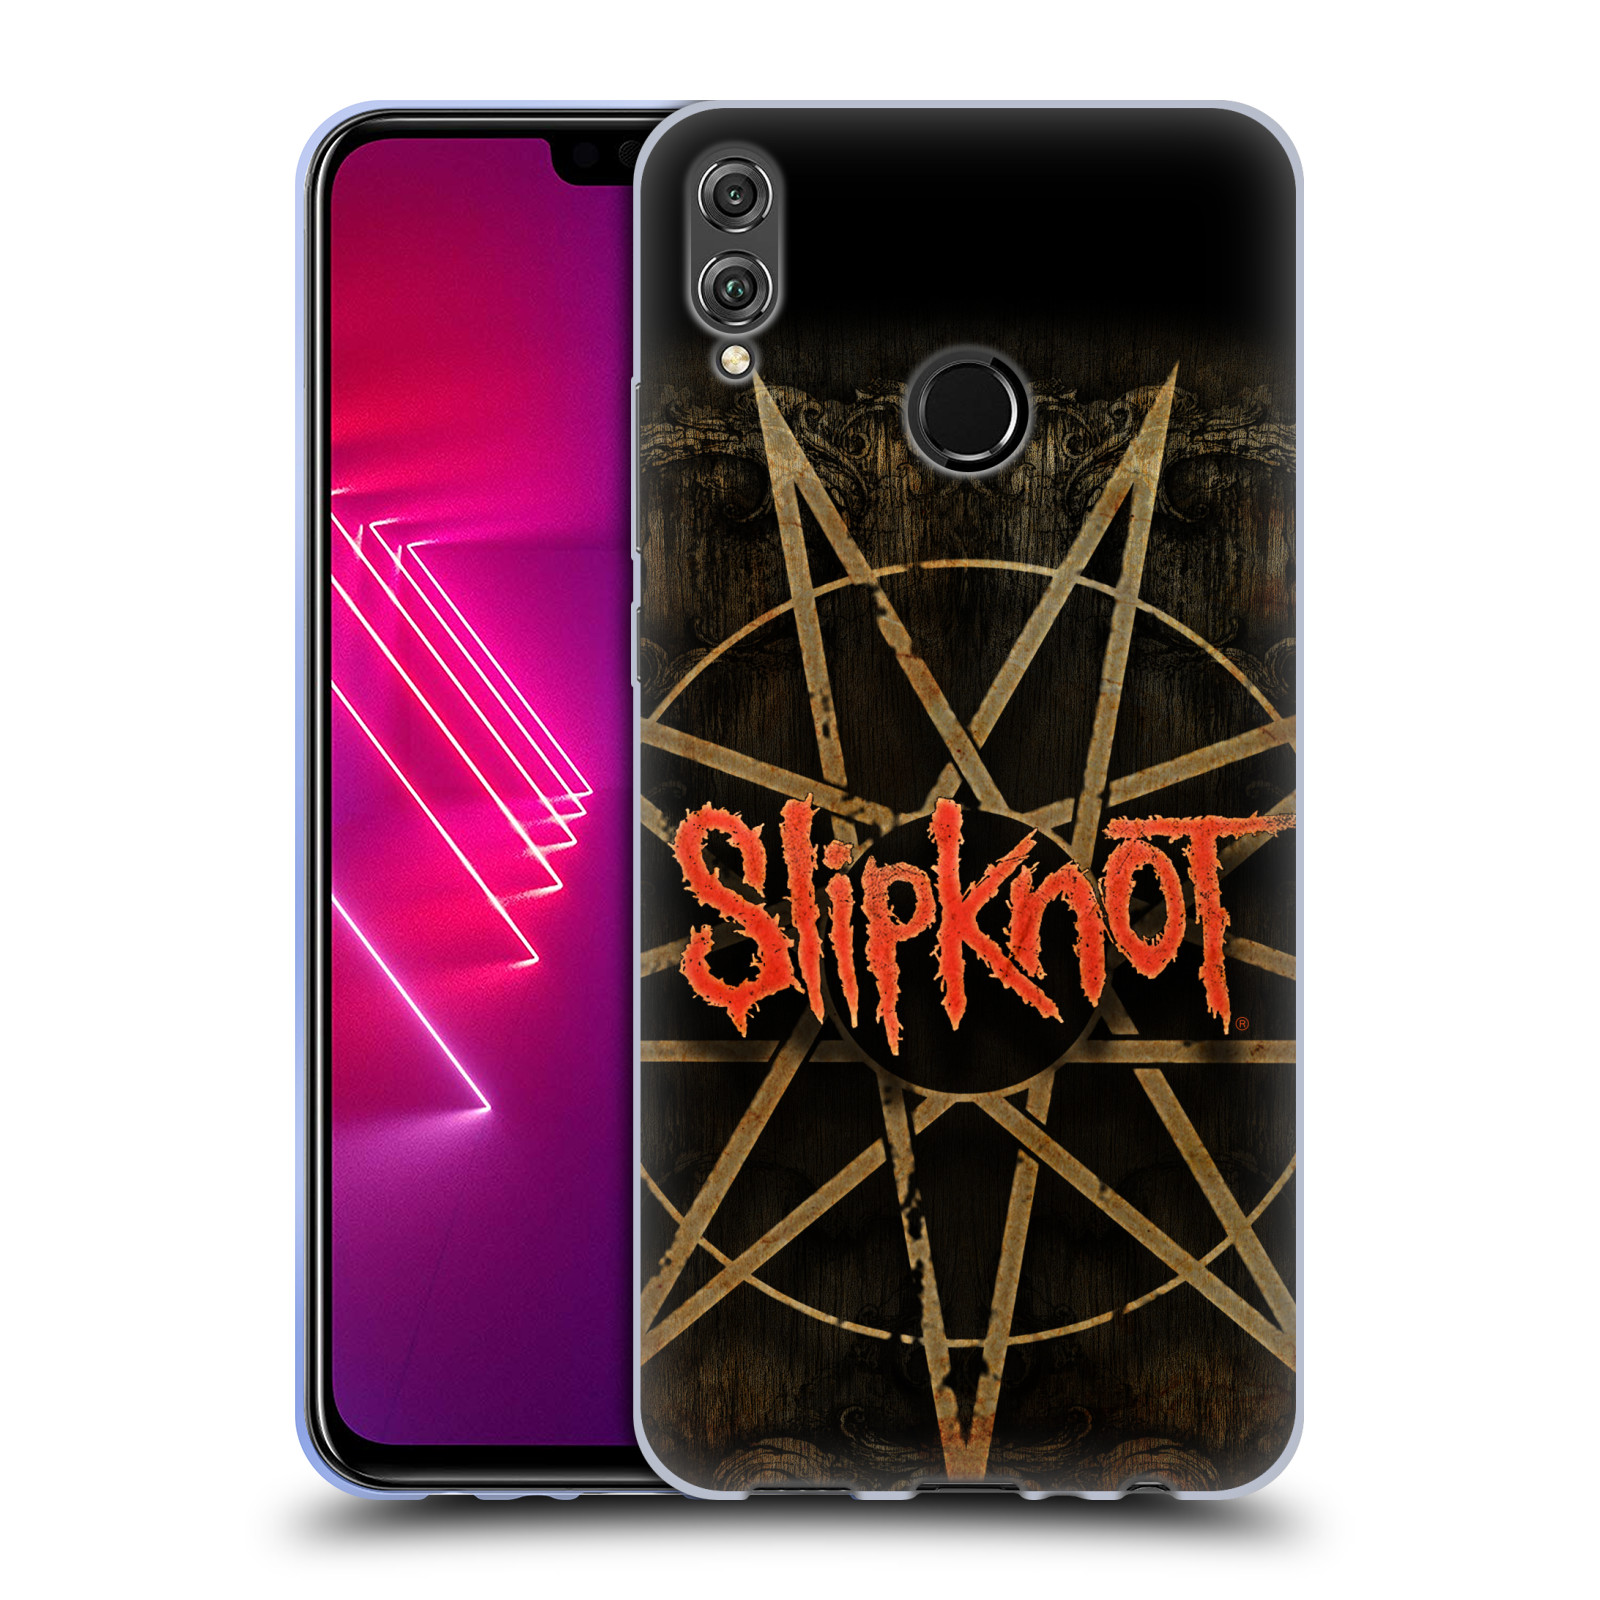 Silikonové pouzdro na mobil Honor View 10 Lite - Head Case - Slipknot - Znak